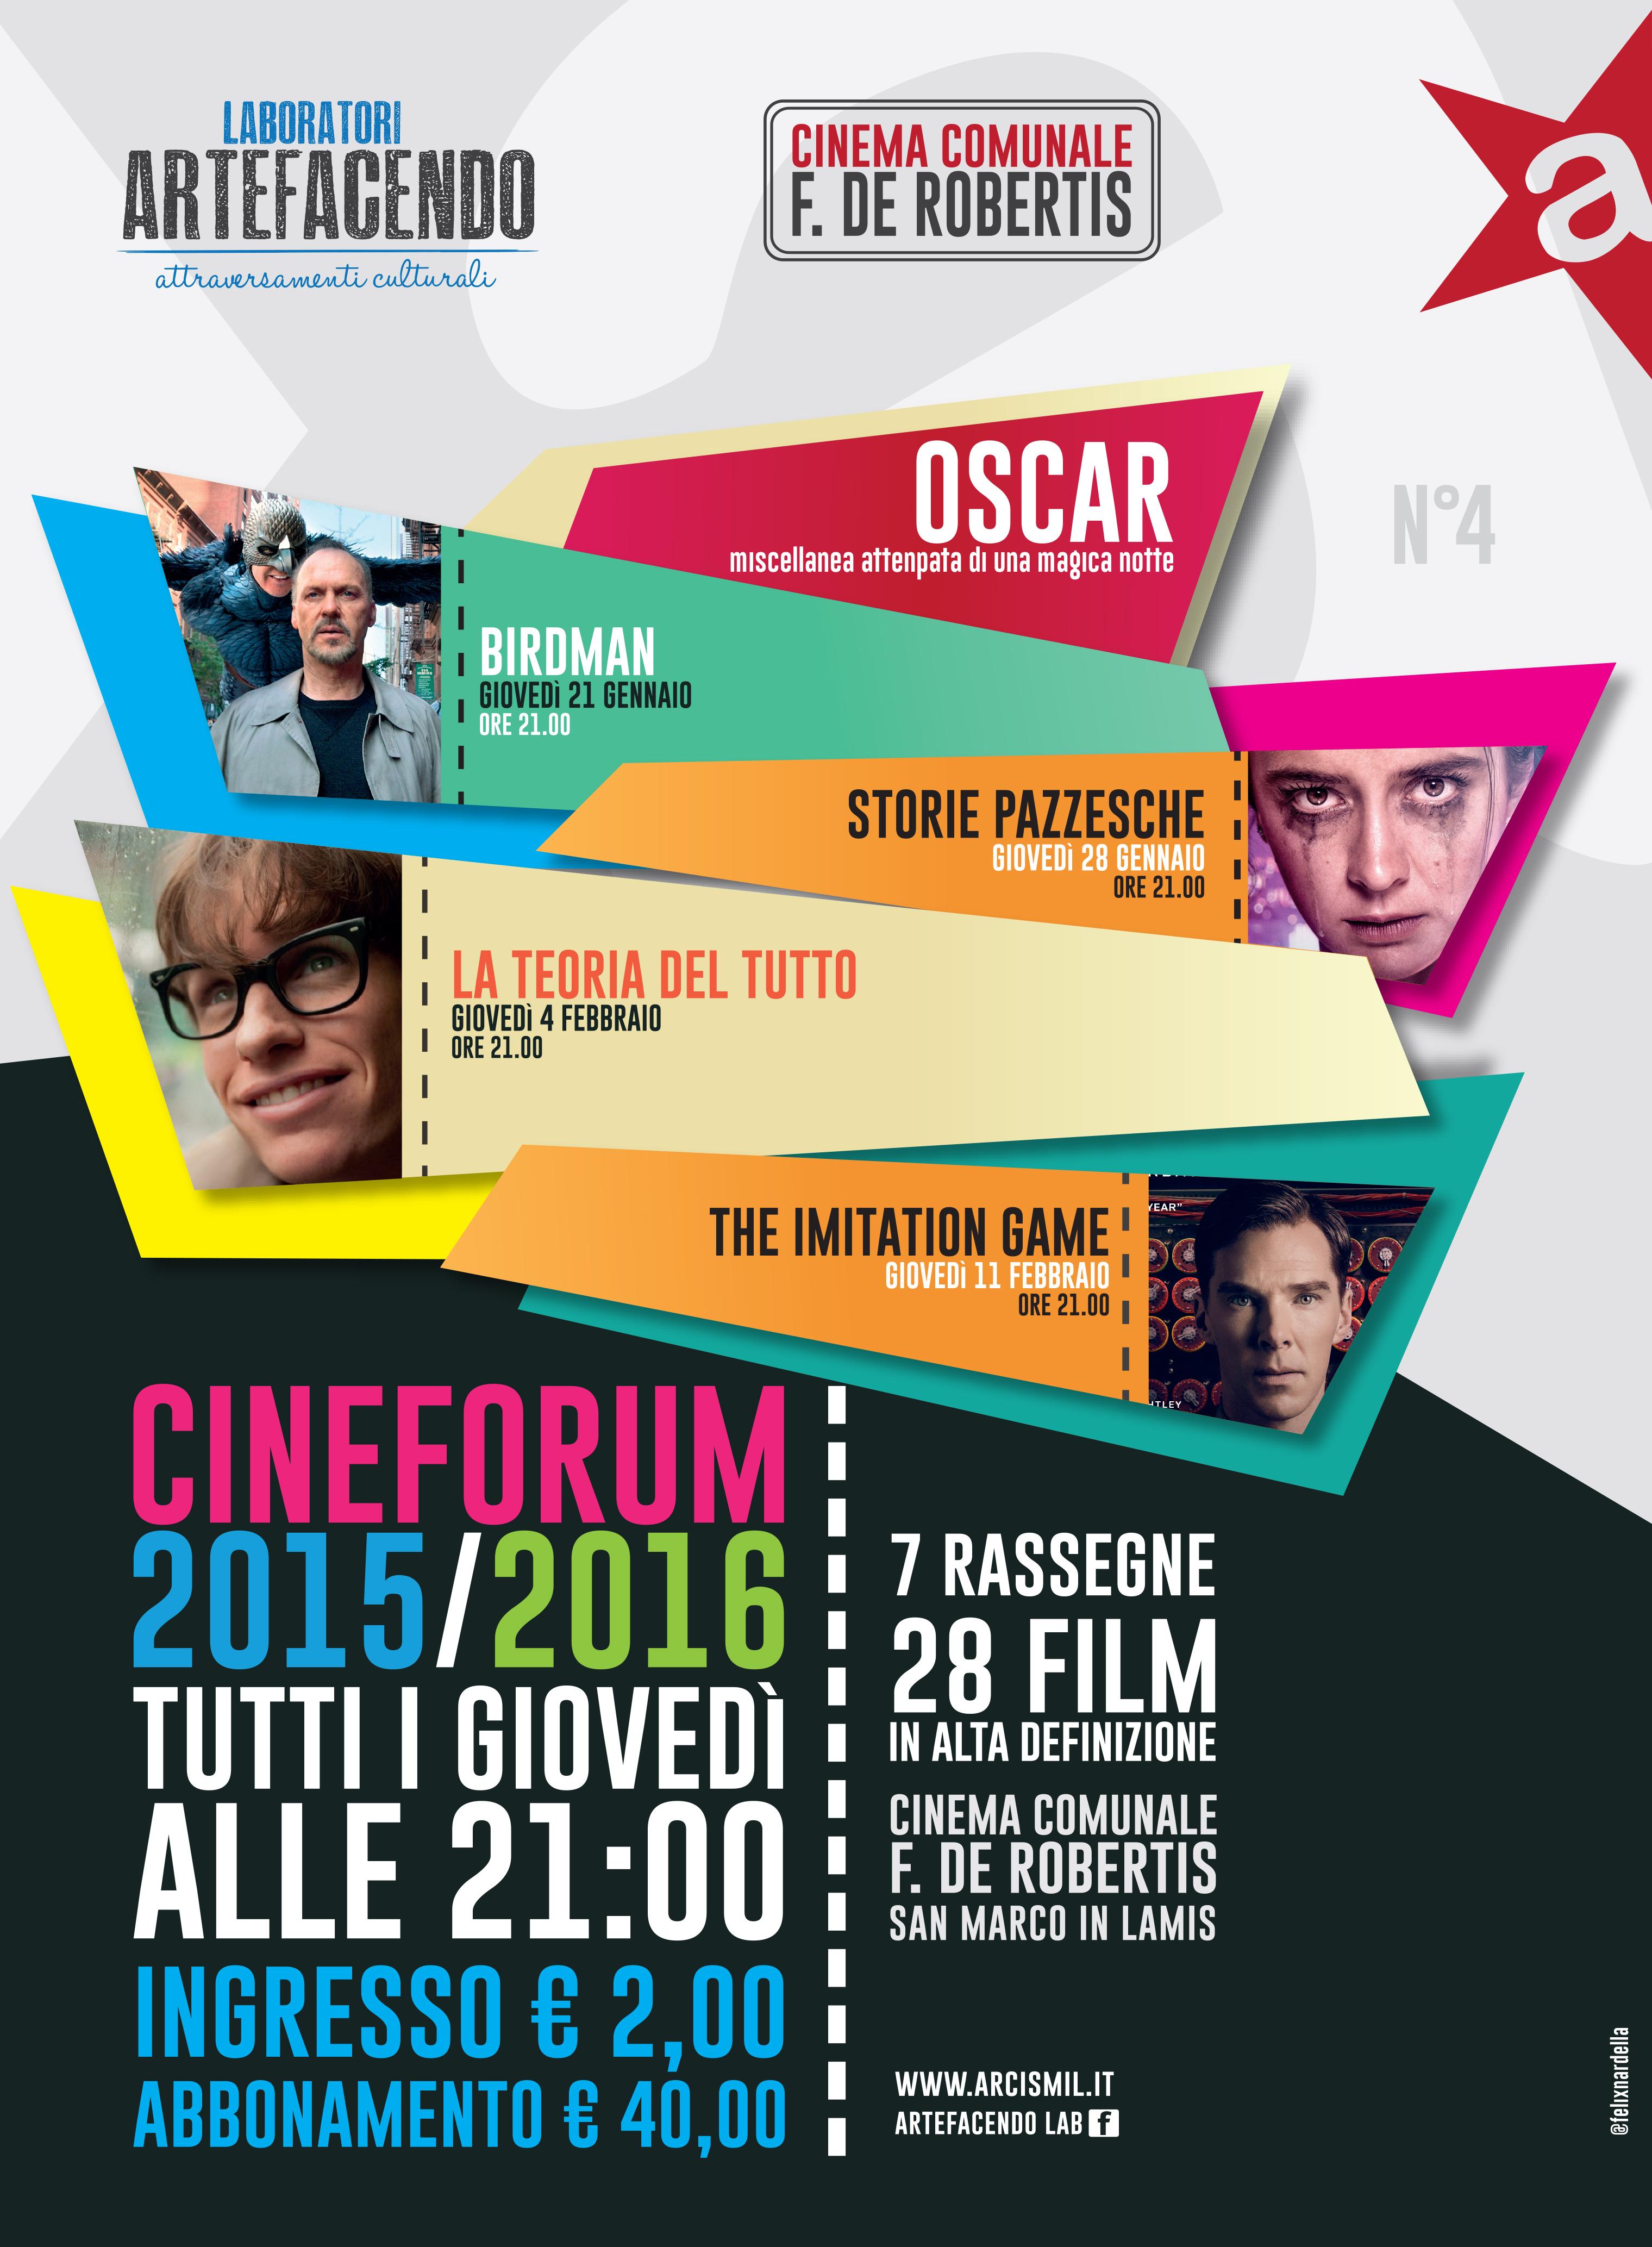 cineforum2015-2016 (3)